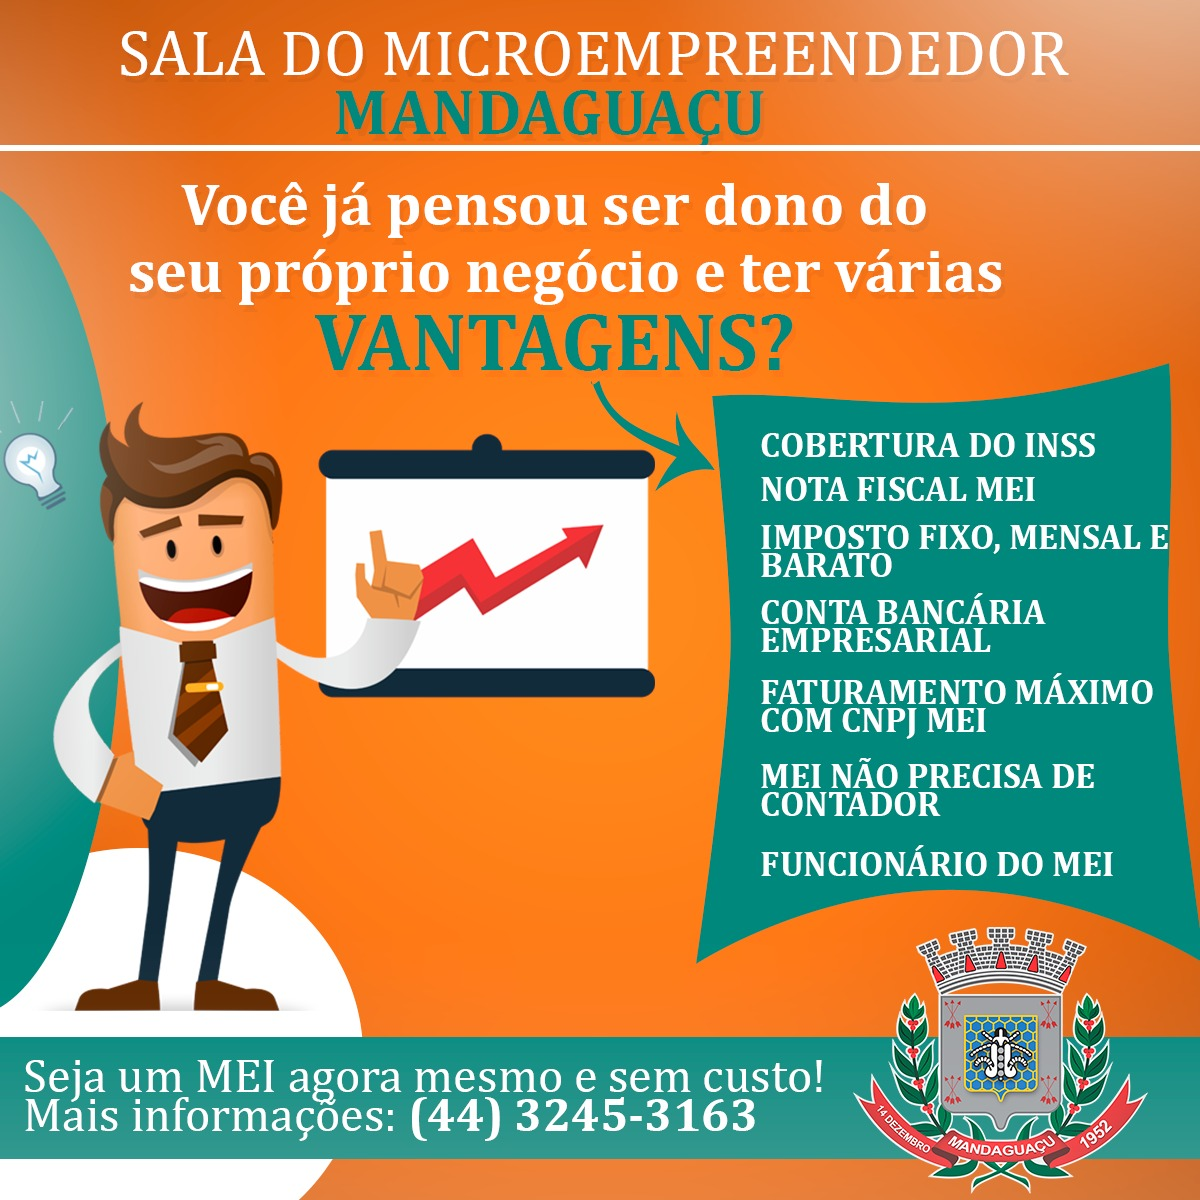 Sala do Empreendedor de Mandaguaçu